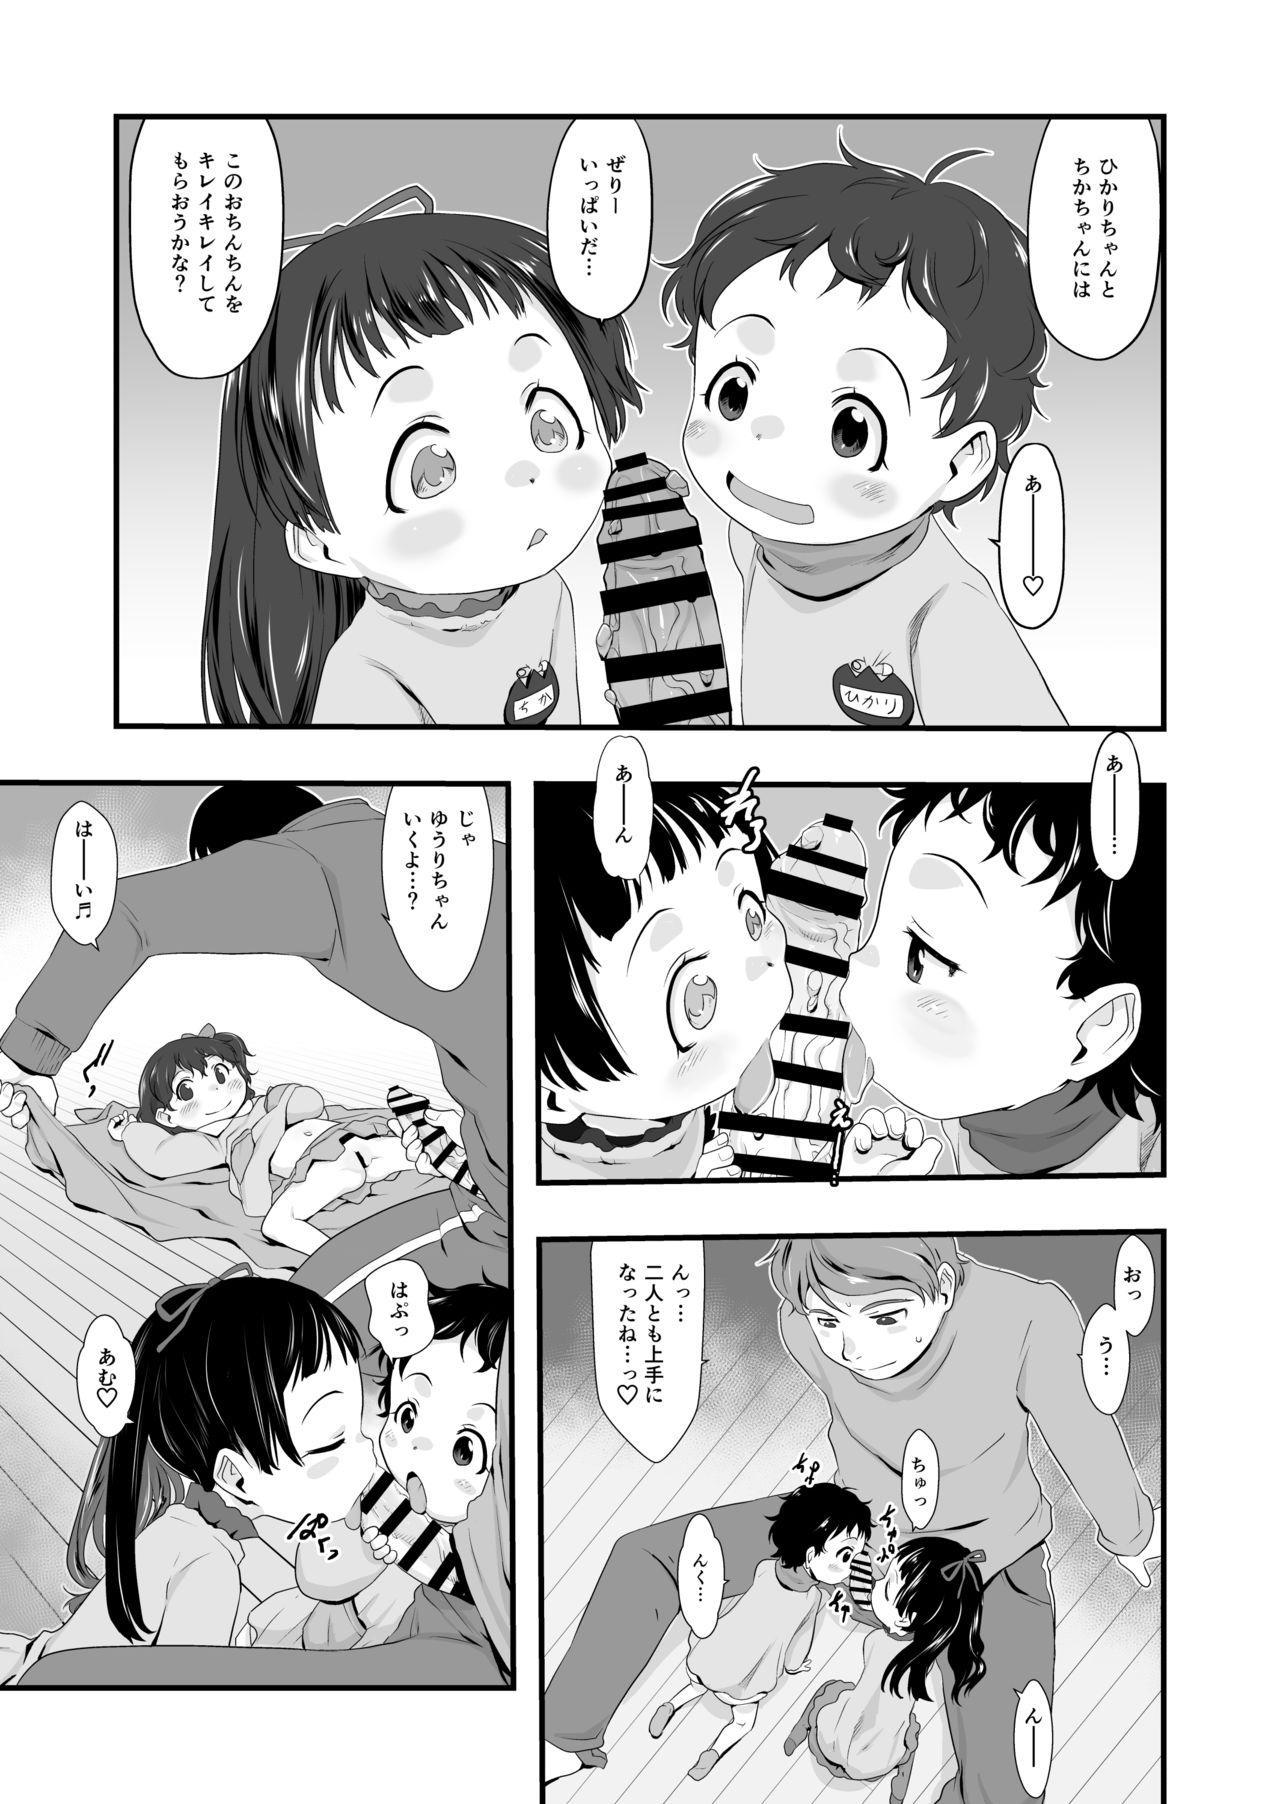 Oyatsu no Jikan. 9